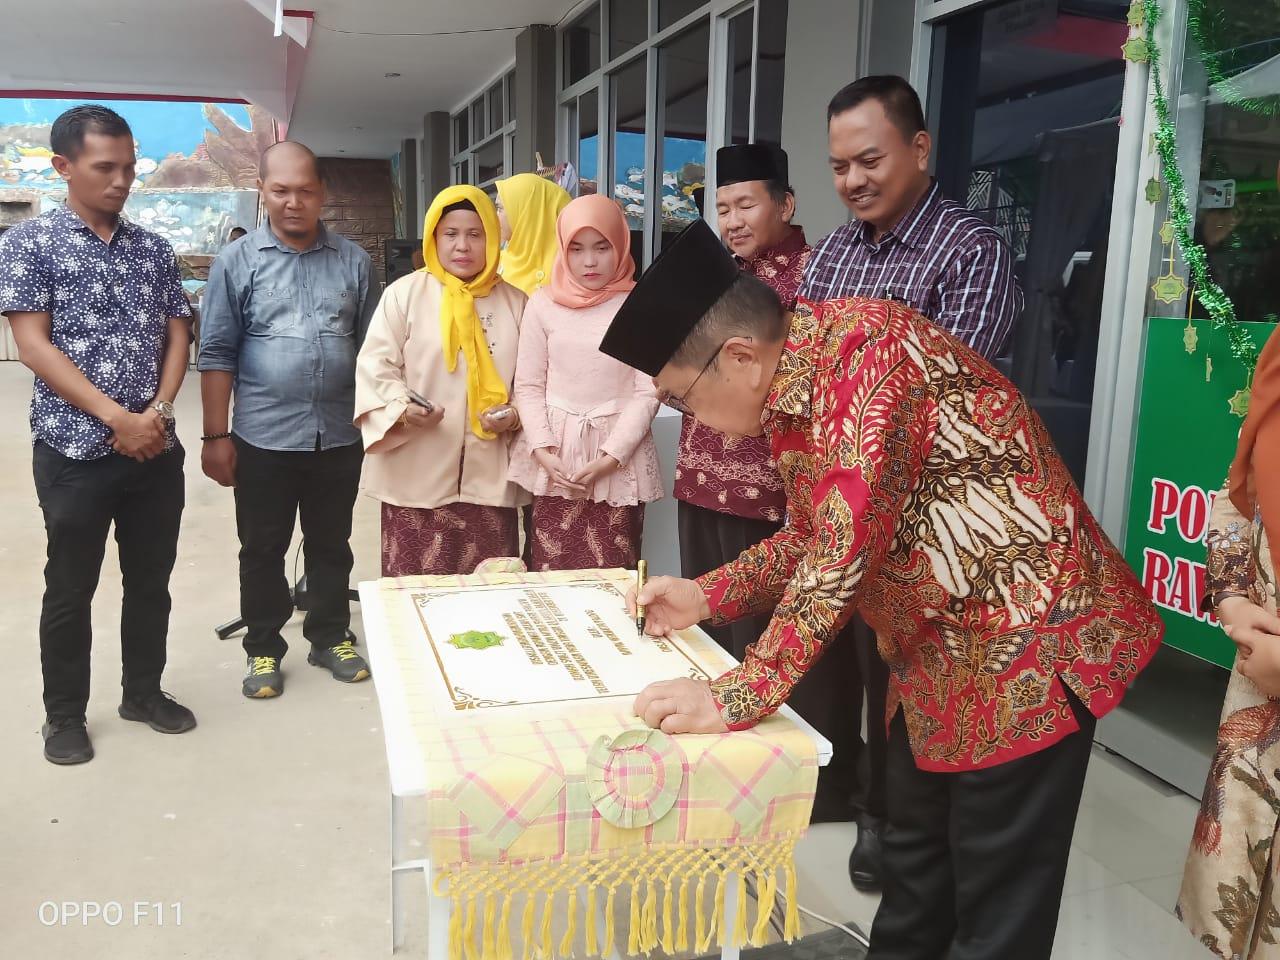 Gambar Bupati Majene Turut Resmikan Sebuah Rumah Sakit di Palopo. Kok Bisa?